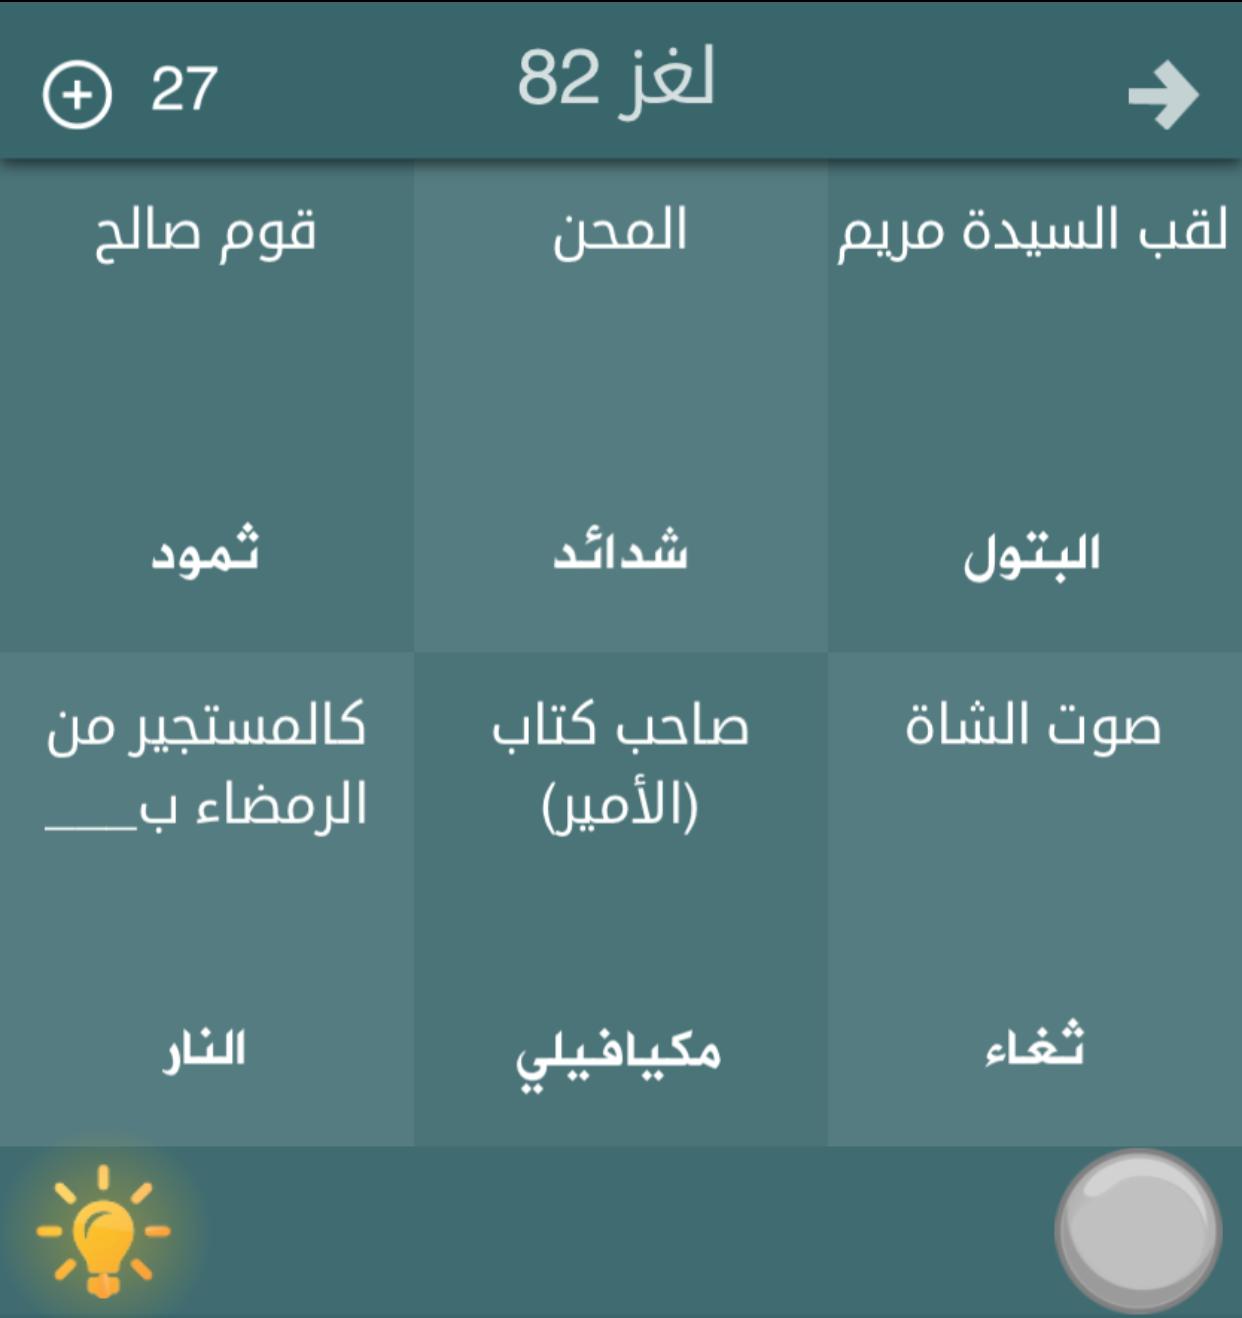 هل تعلم حل الغاز لعبة فطحل العرب المجموعة الخامسة من 81